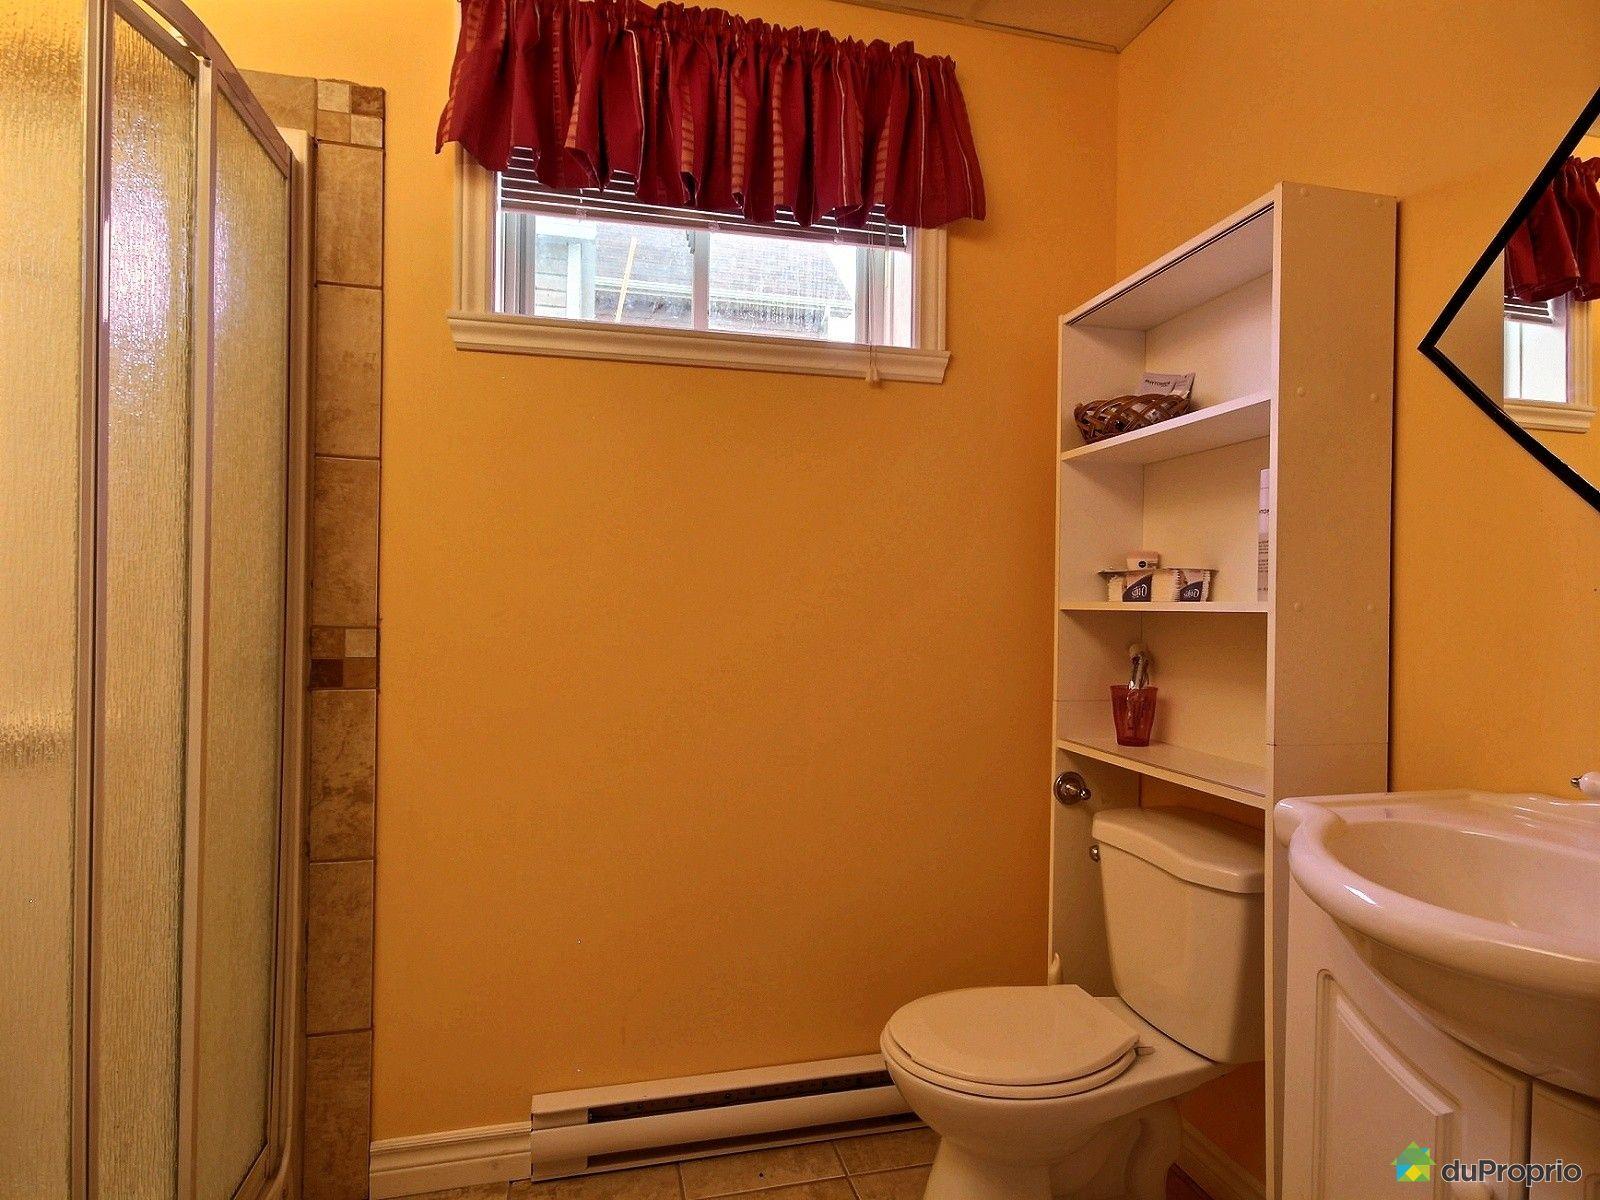 Maison à vendre boischatel, 132 rue de l'ardoise, immobilier ...